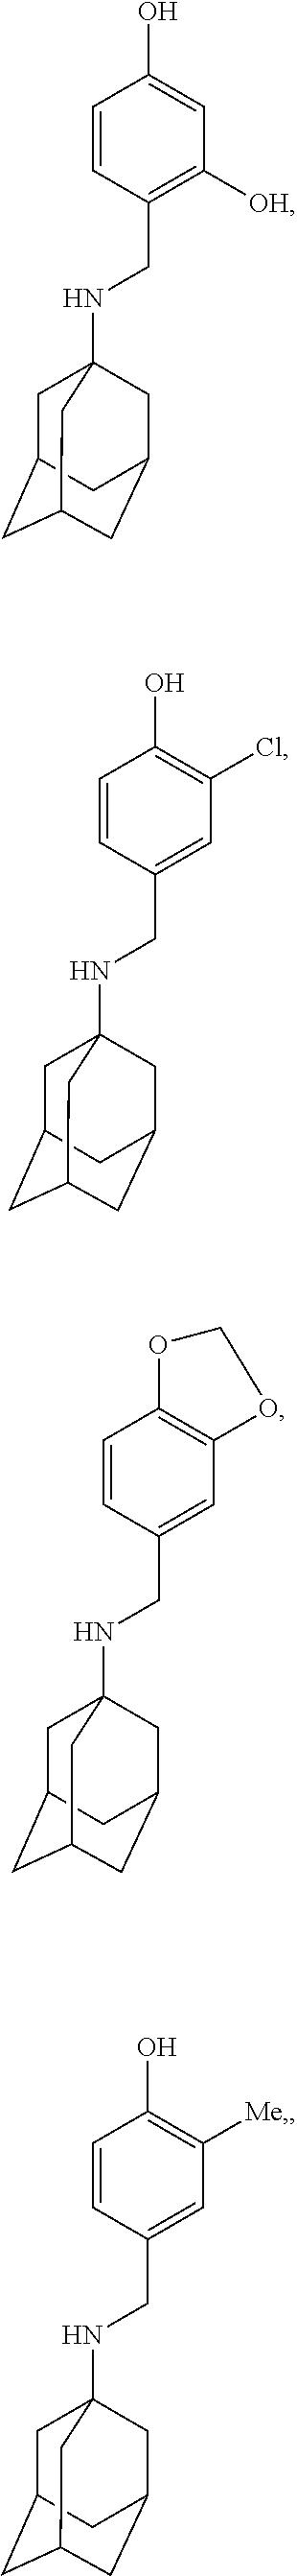 Figure US09884832-20180206-C00115